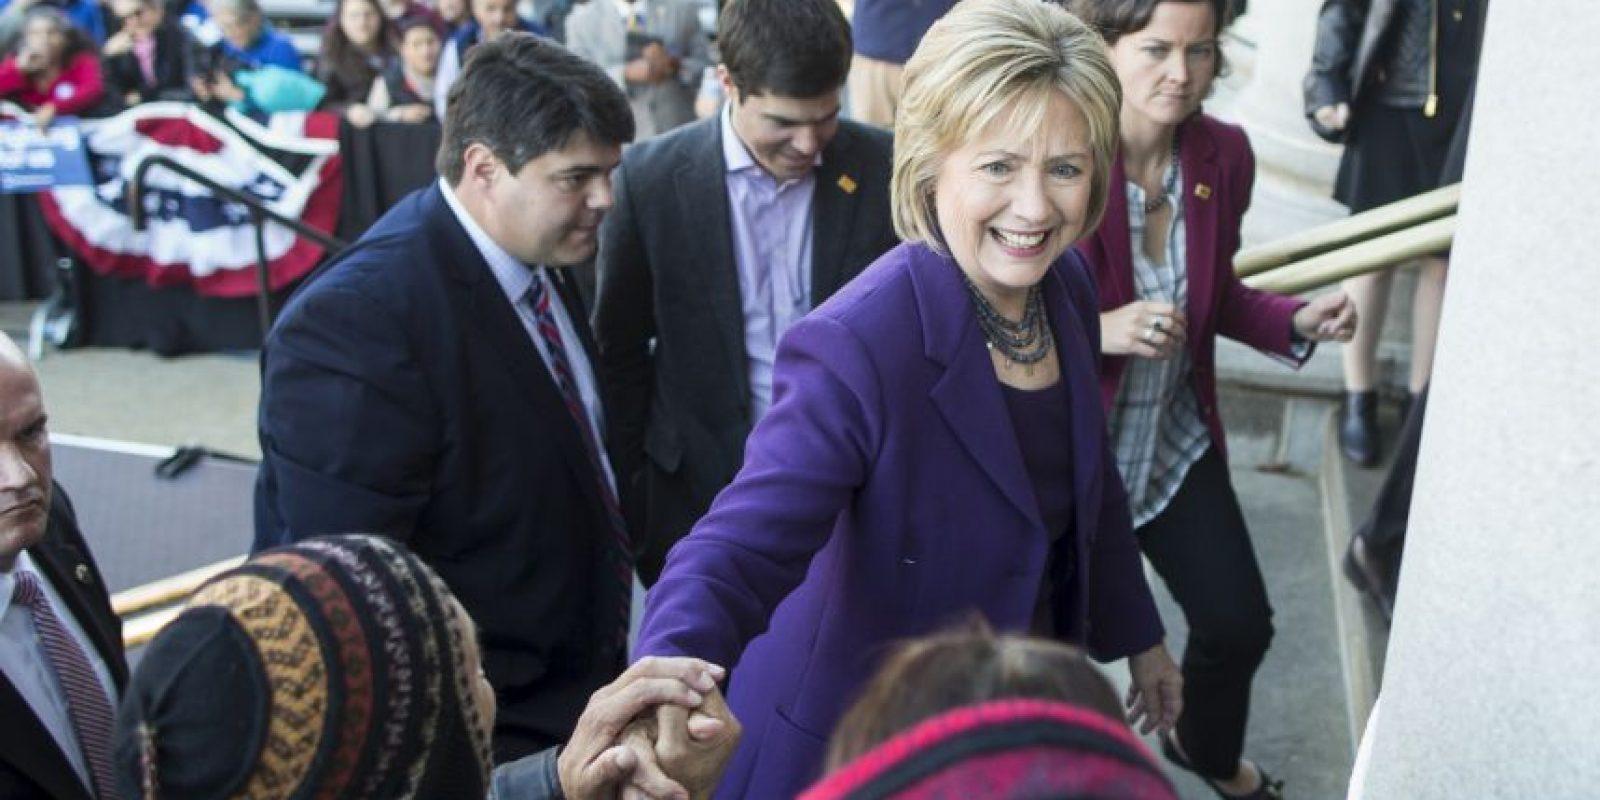 A sus 68 años está luchando por volverse la primera presidenta de Estados Unidos. Foto:Getty Images